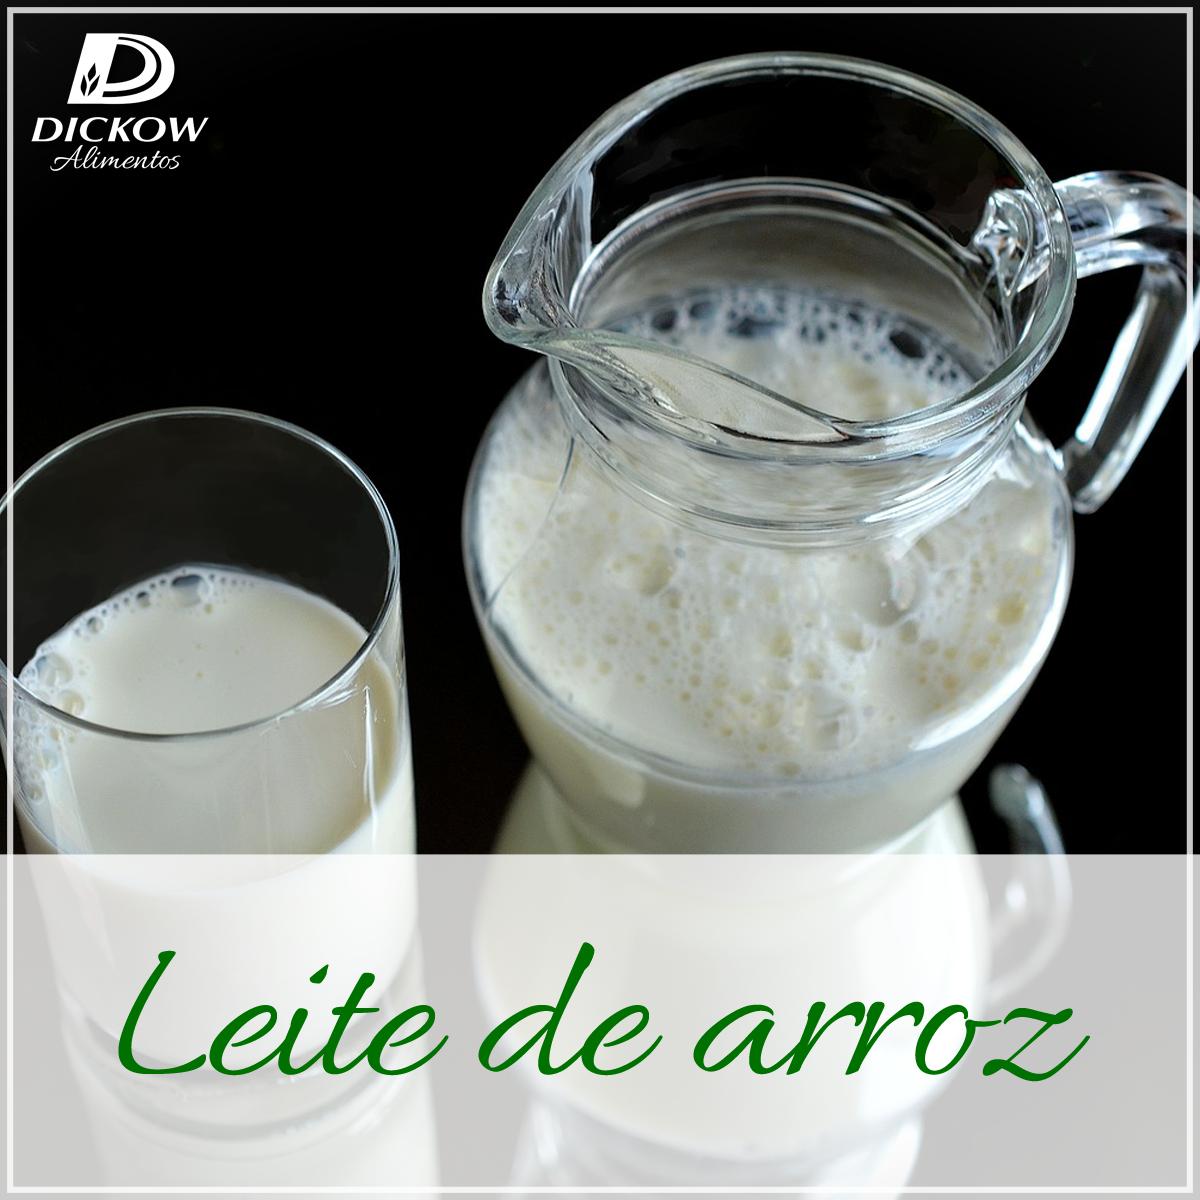 Aprenda a fazer leite de arroz